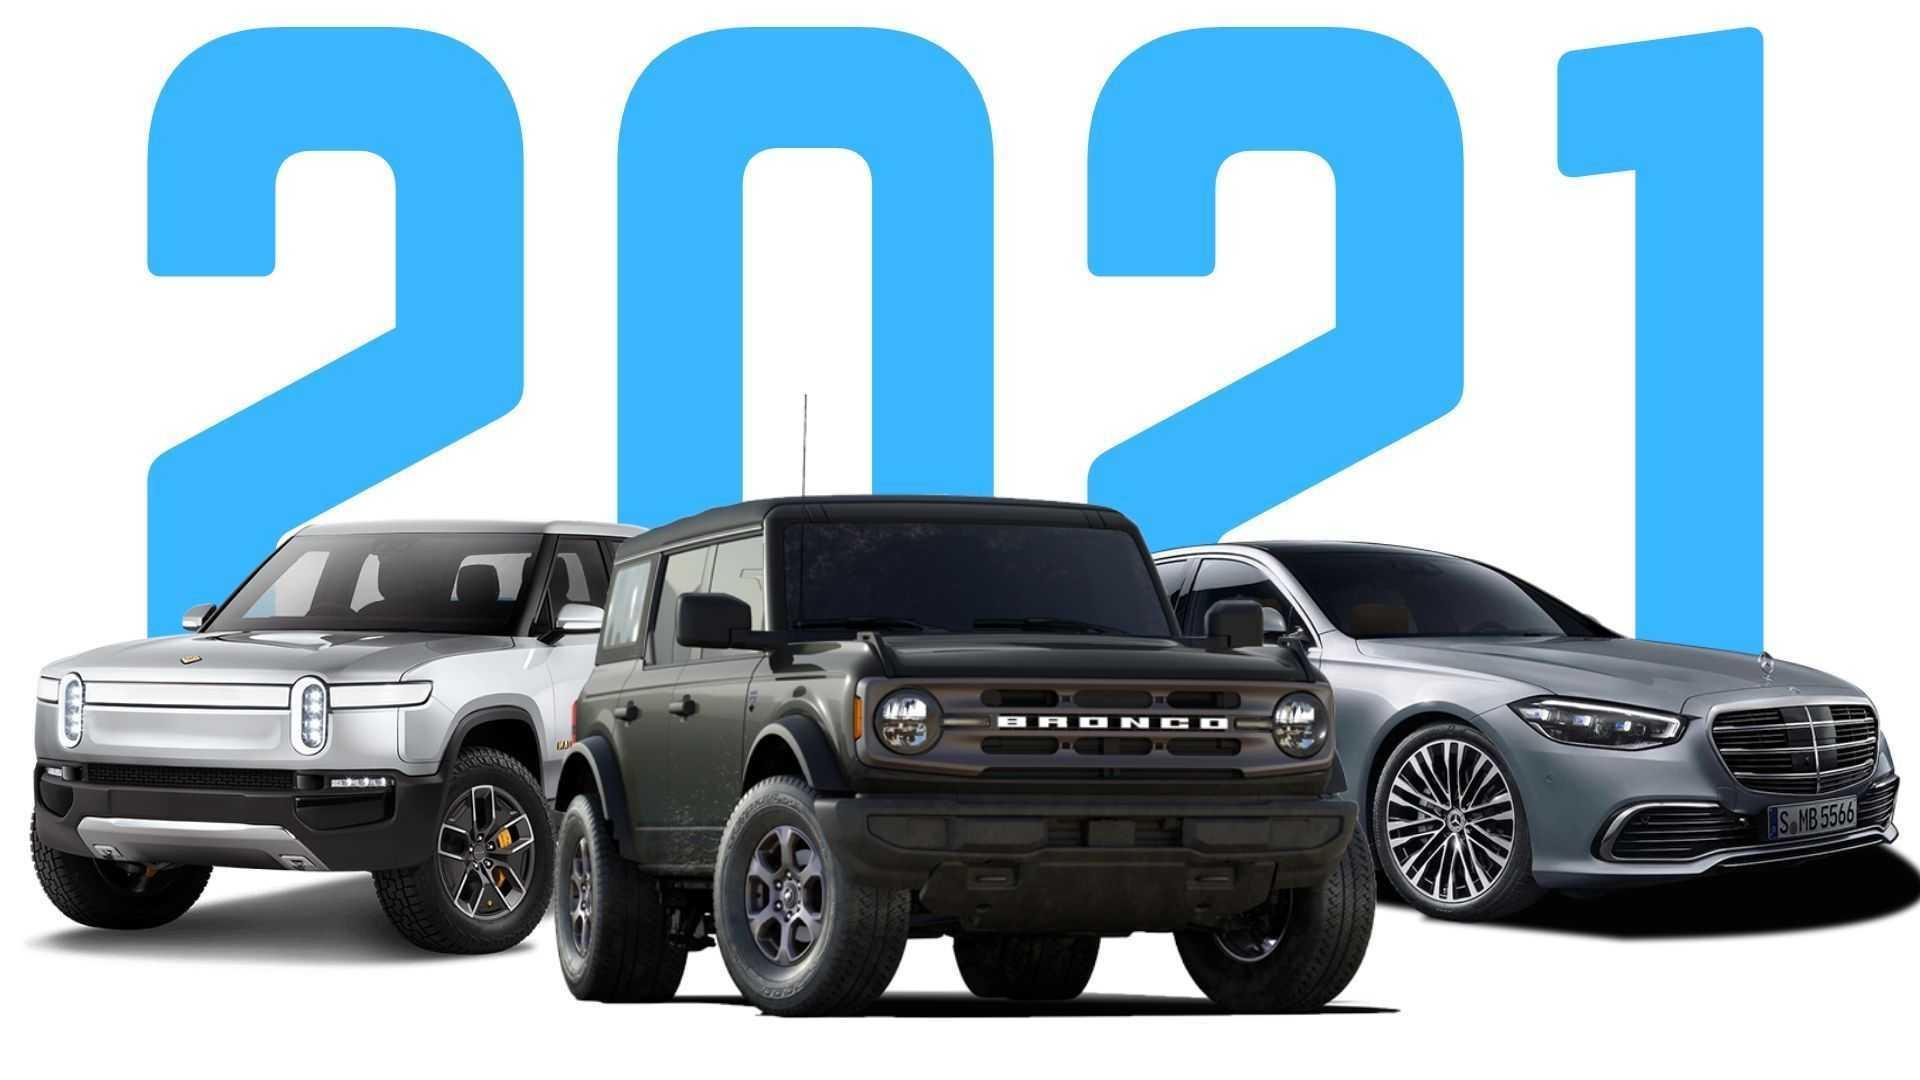 15 Mobil Yang Paling Kami Nantikan Tahun 2021 Semuanya Keren